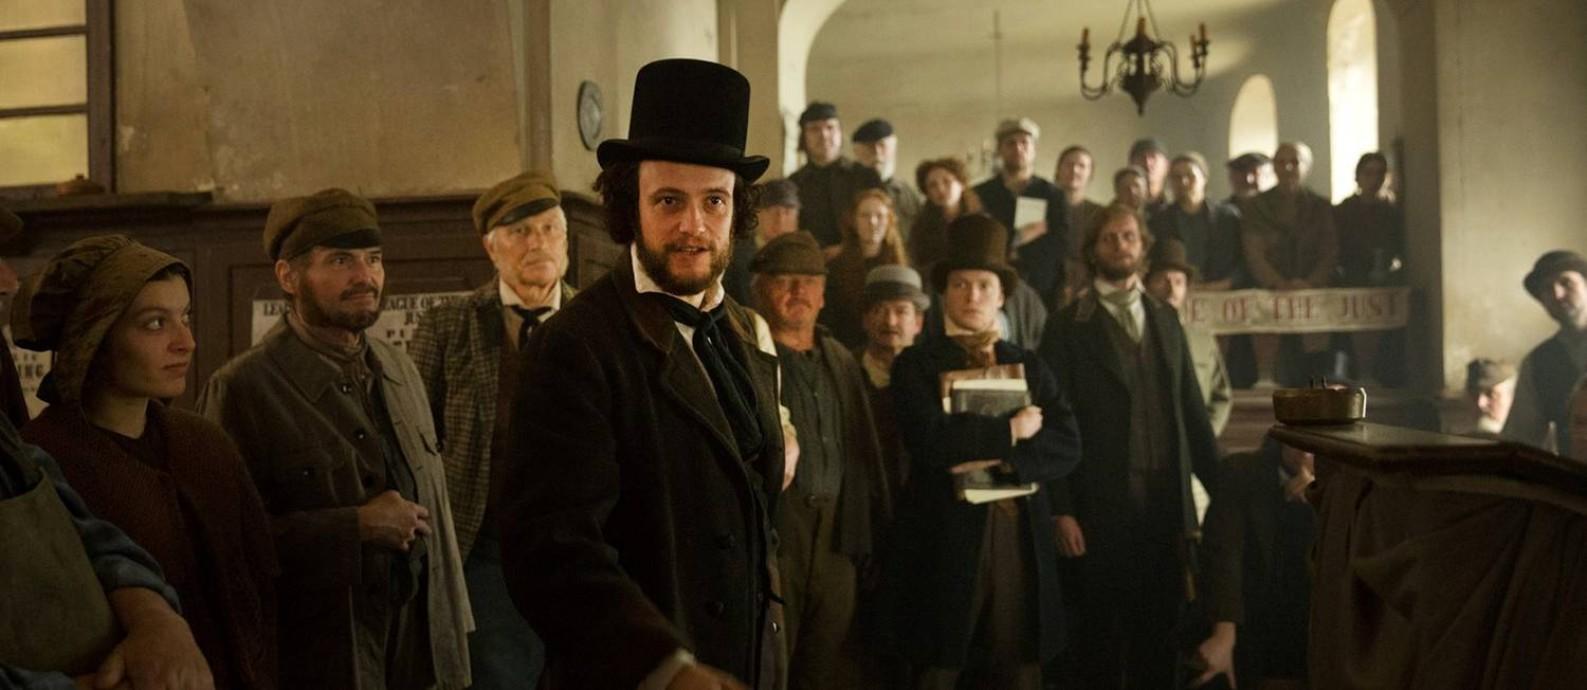 Cena do filme 'O jovem Karl Marx' Foto: Divulgação